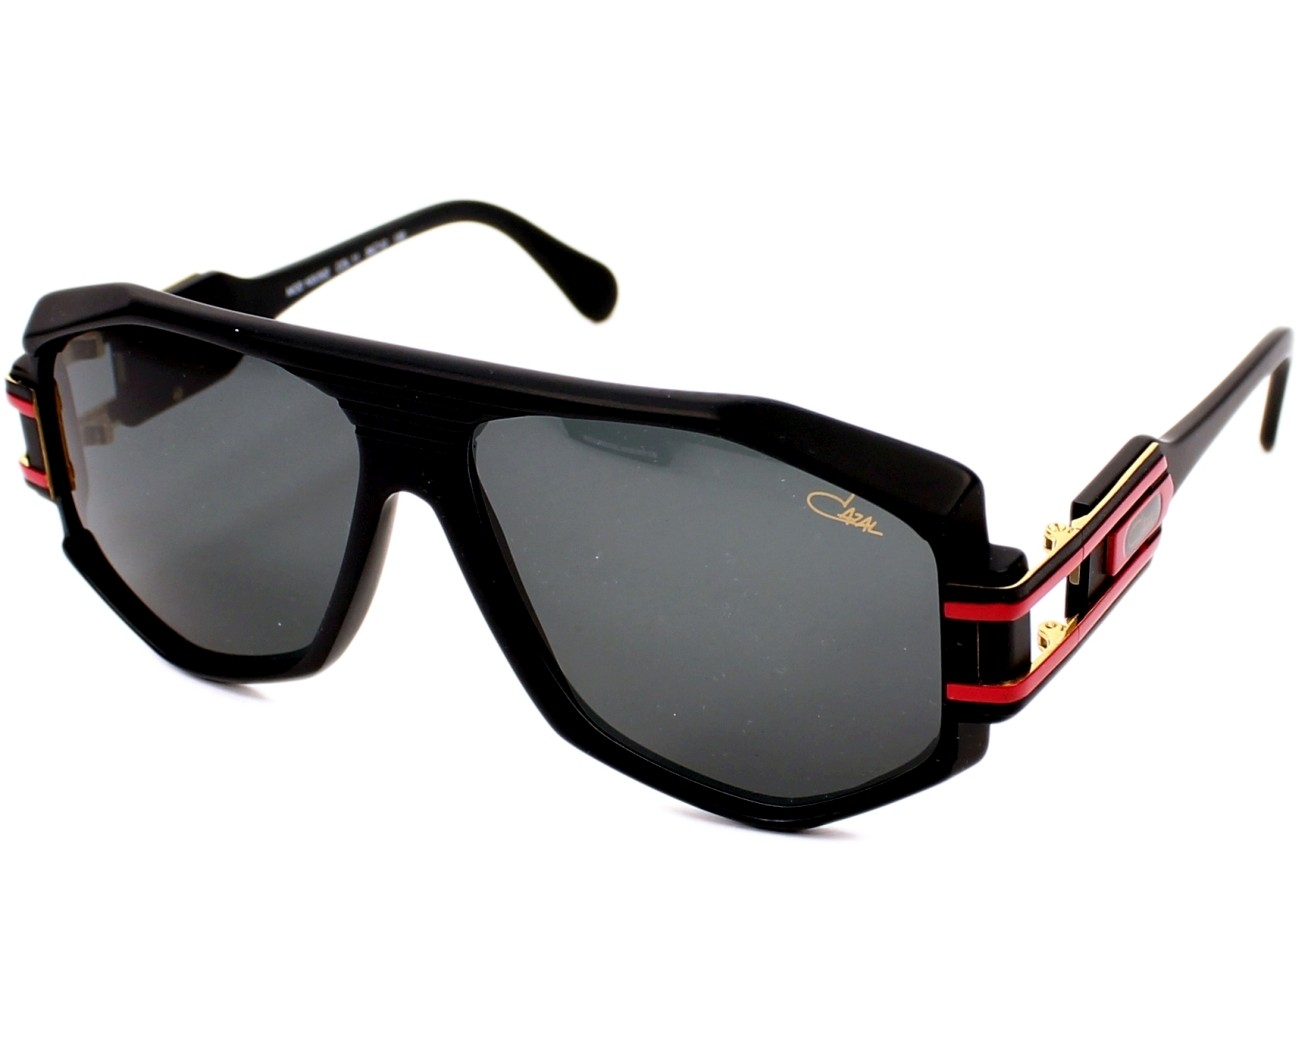 lunettes de soleil cazal 163 3 011 noir avec des verres. Black Bedroom Furniture Sets. Home Design Ideas